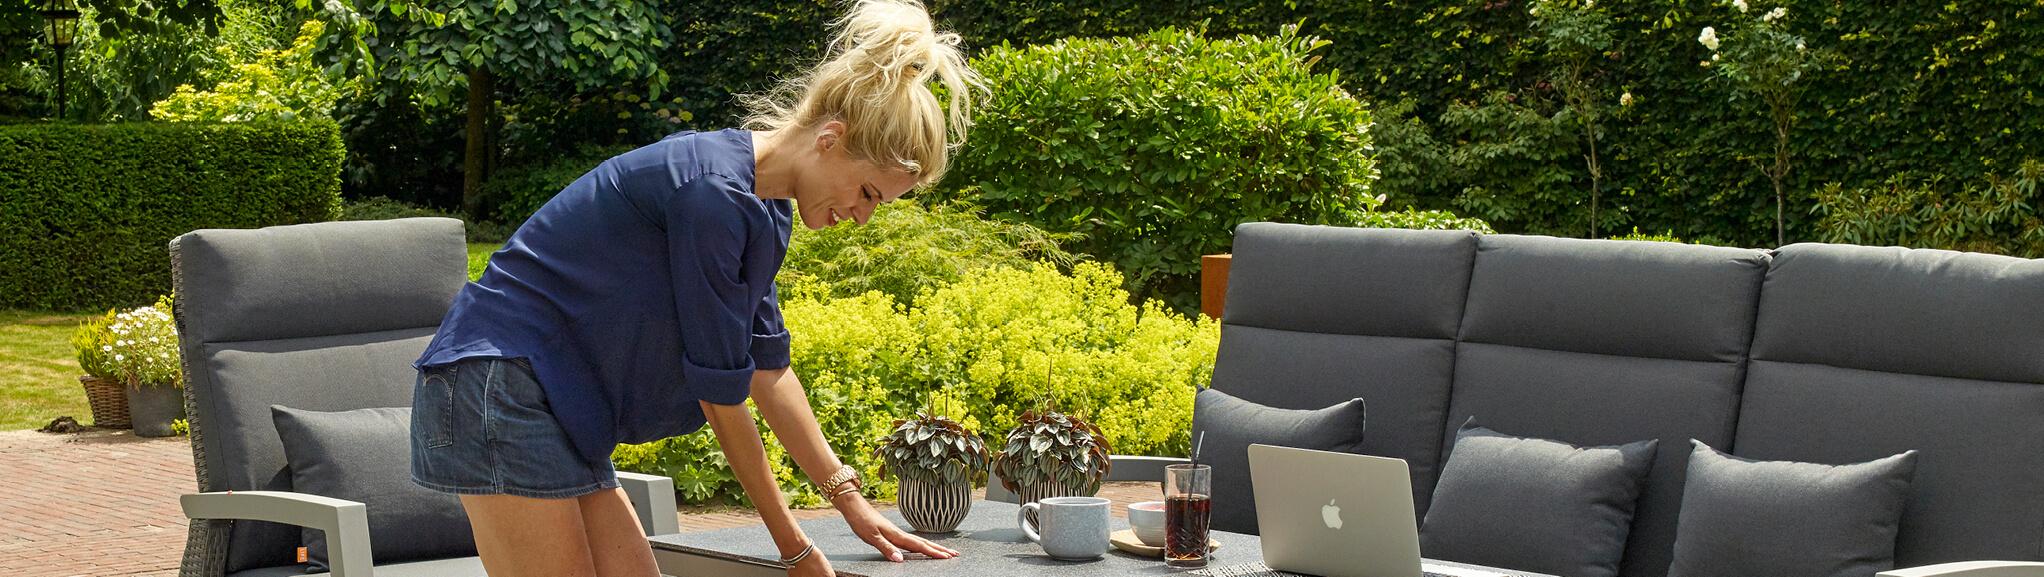 Onderhoud Houten Tuinstoelen.Bescherming En Onderhoud Buitenhof Tuinmeubelen